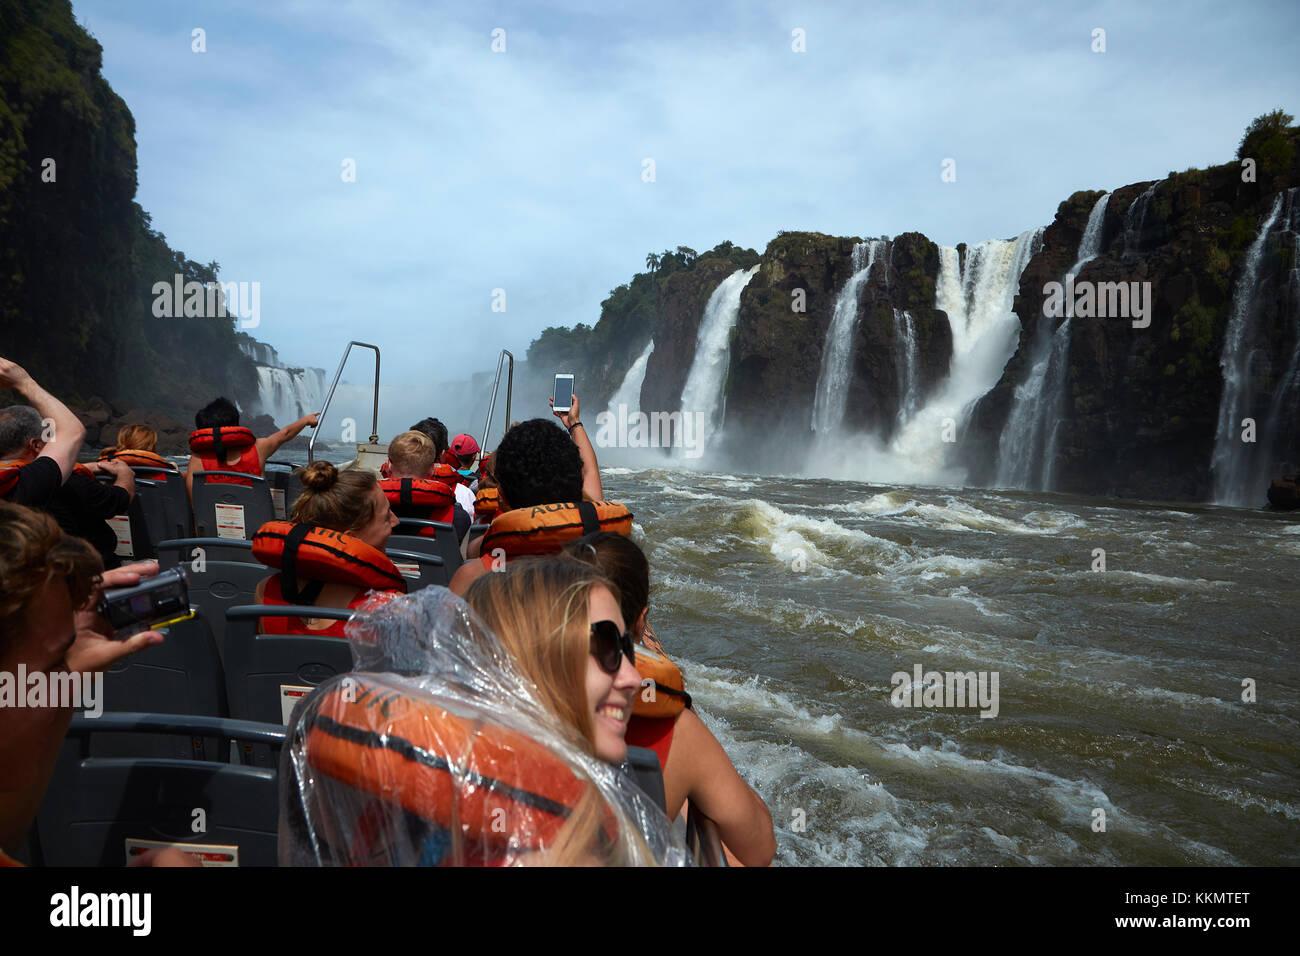 Los turistas en el barco que pasa por debajo de las cataratas del Iguazú, Argentina, Sudamérica Imagen De Stock